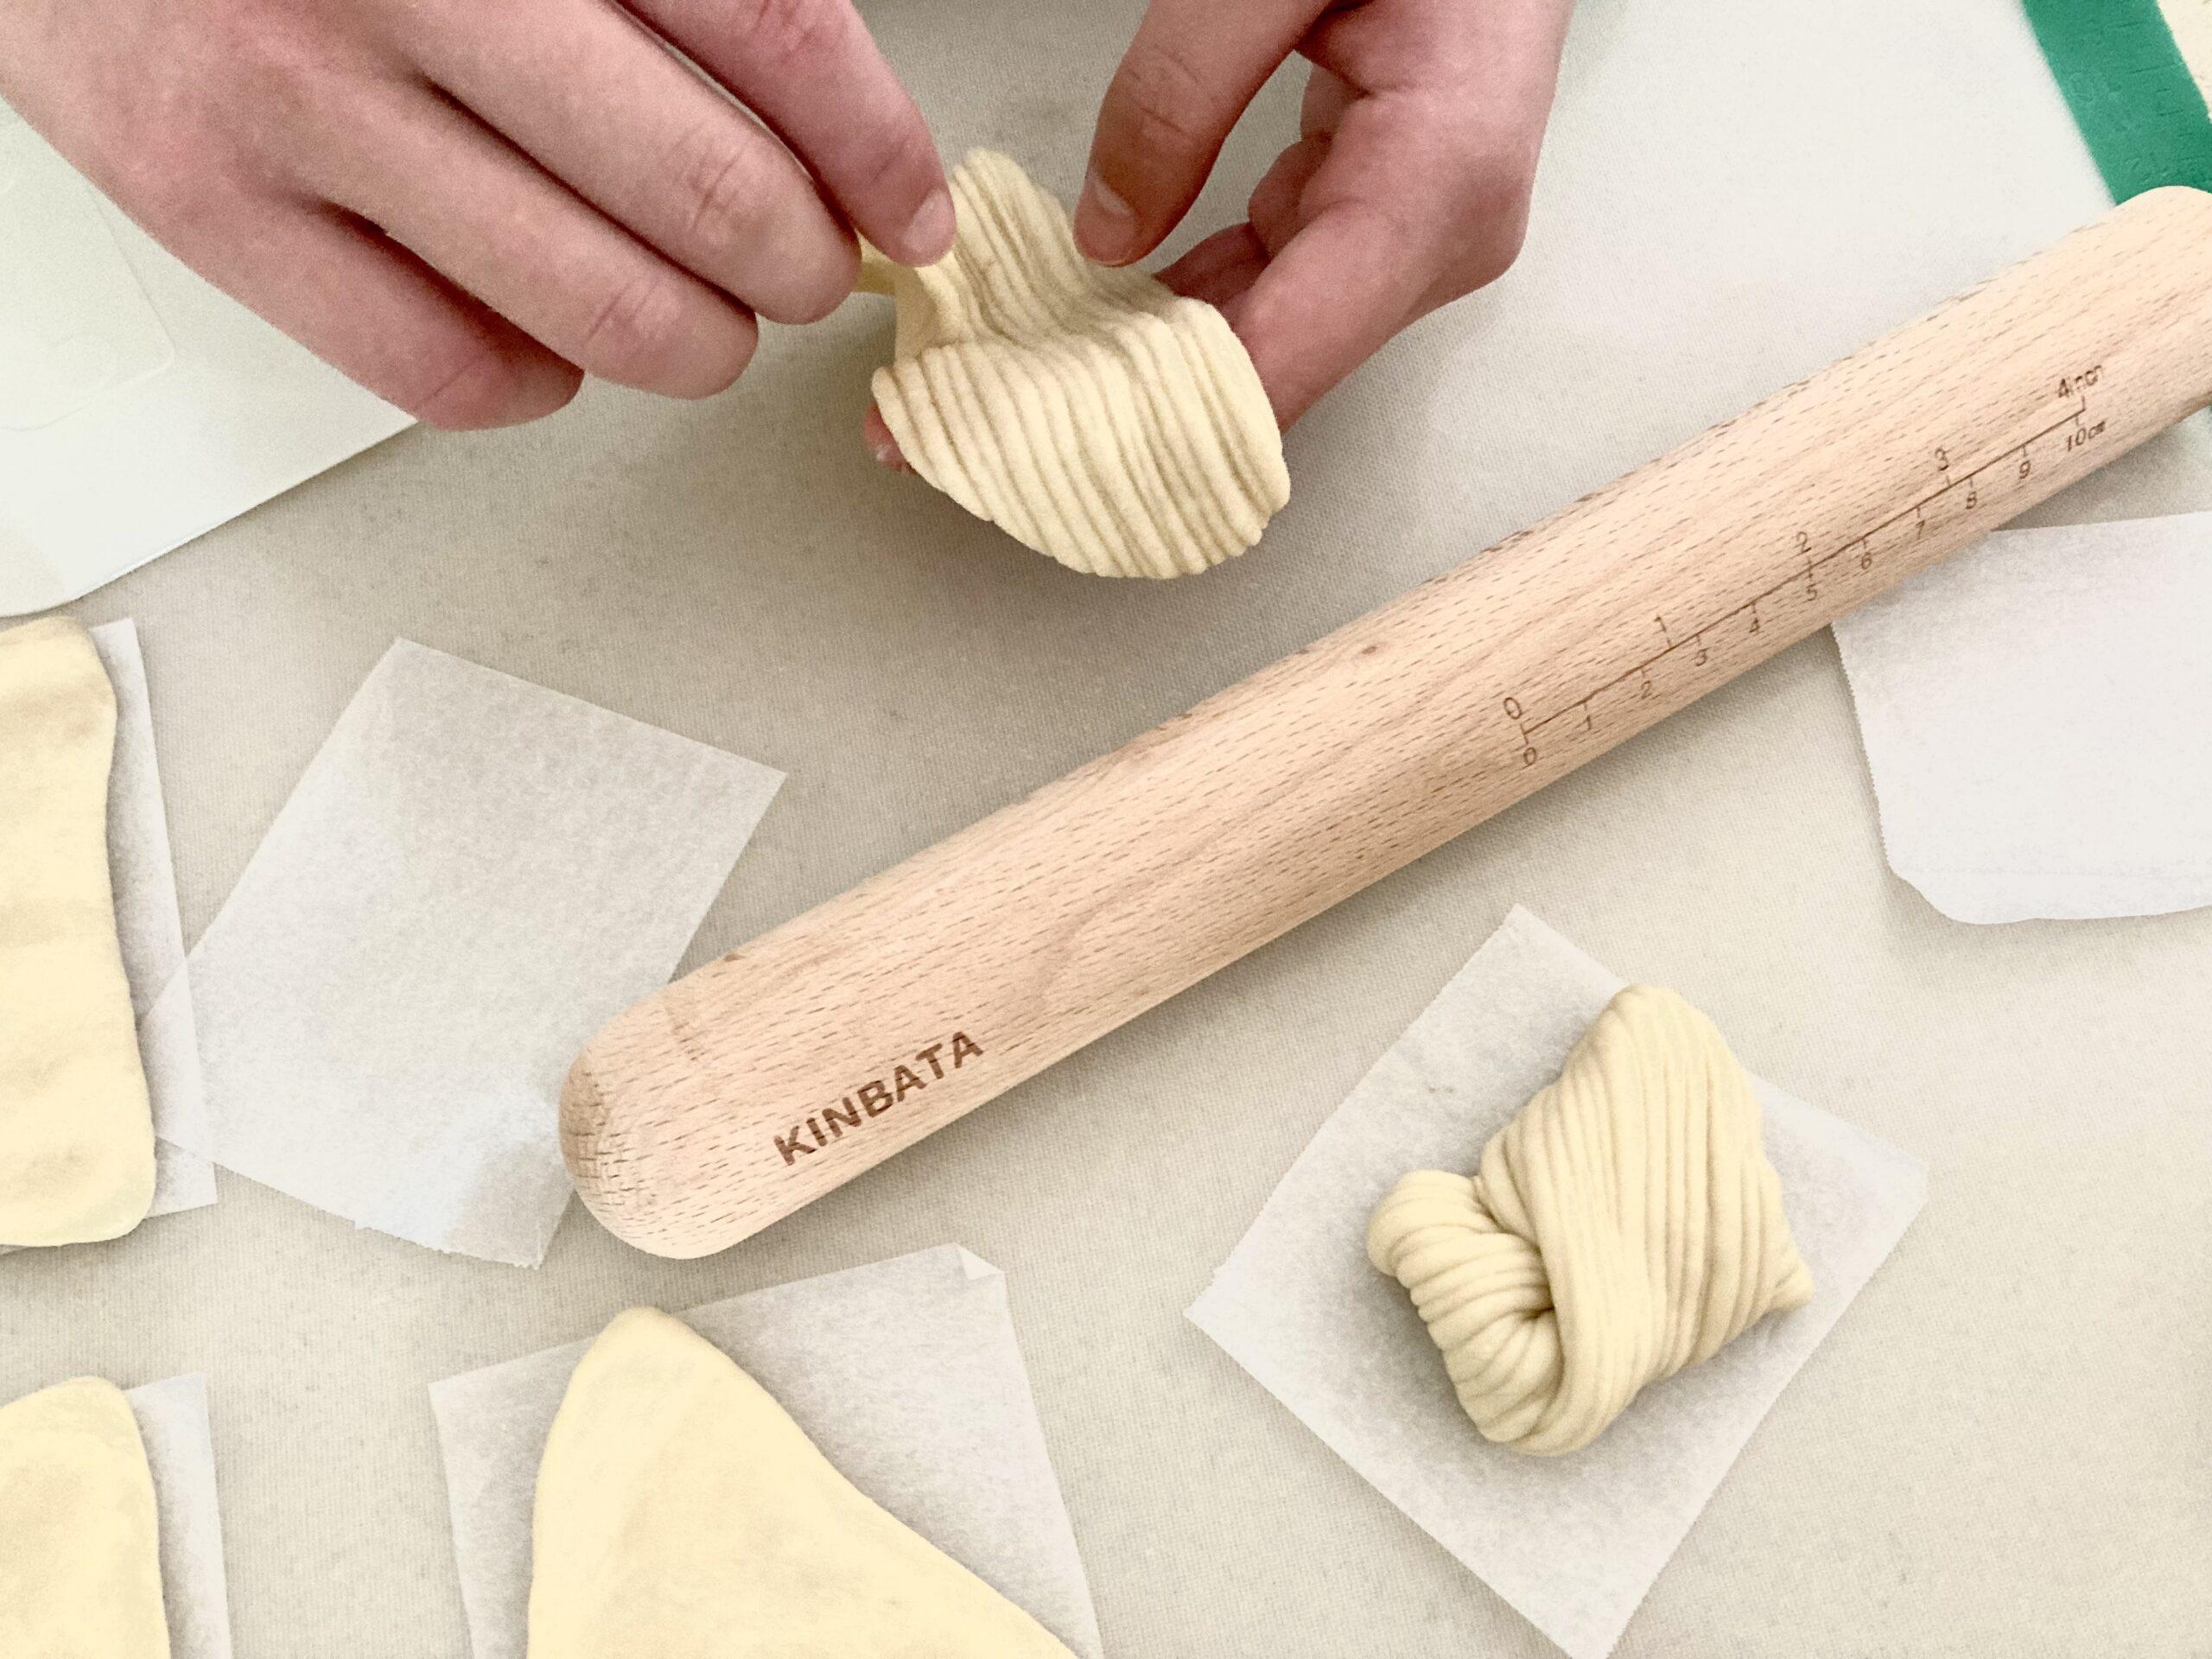 Japanese designed Kinbata Japan Kitchen wood rolling pin